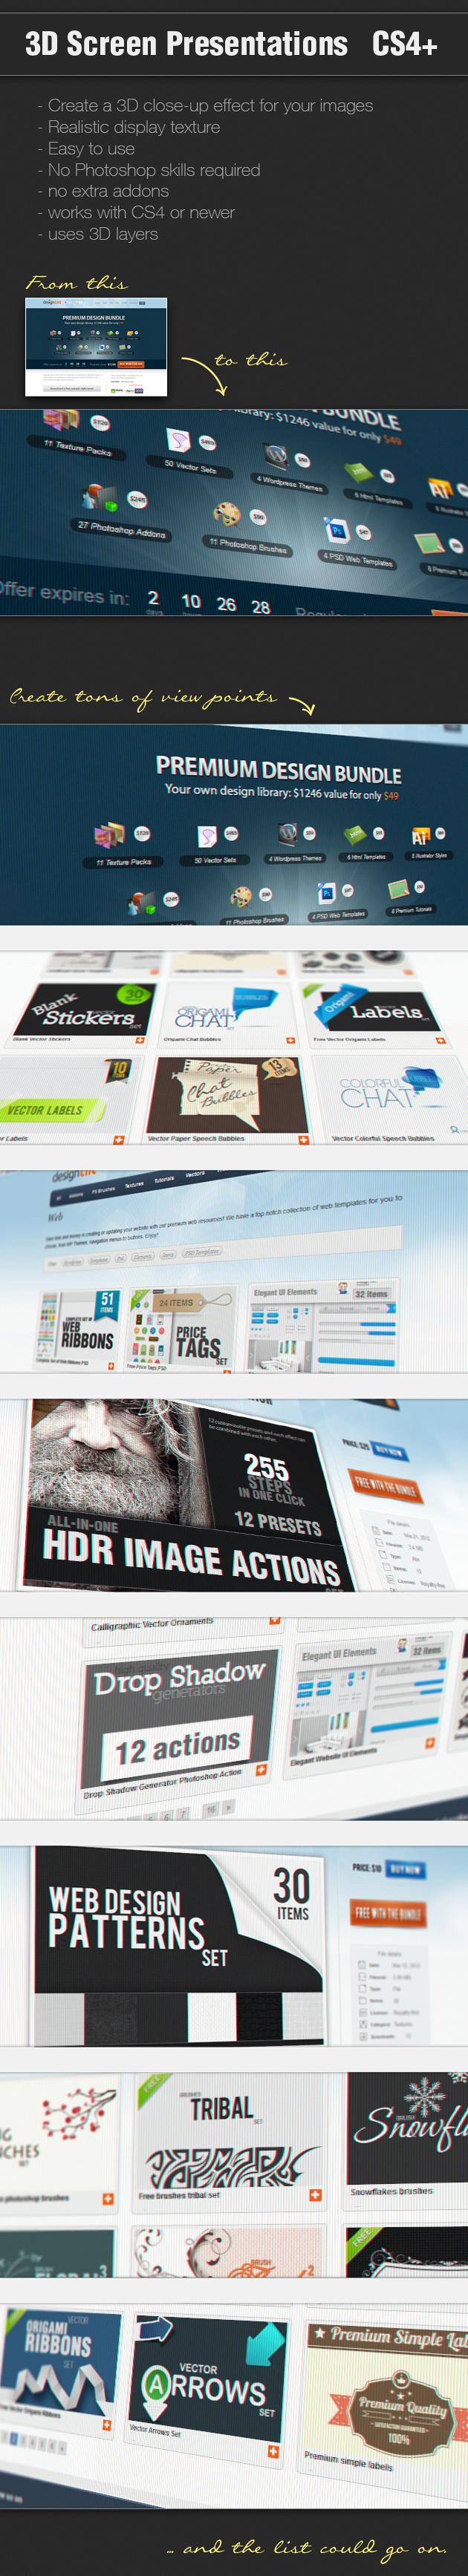 3D-Screen-Presentation-Ps-Addons 3D screen presentations large